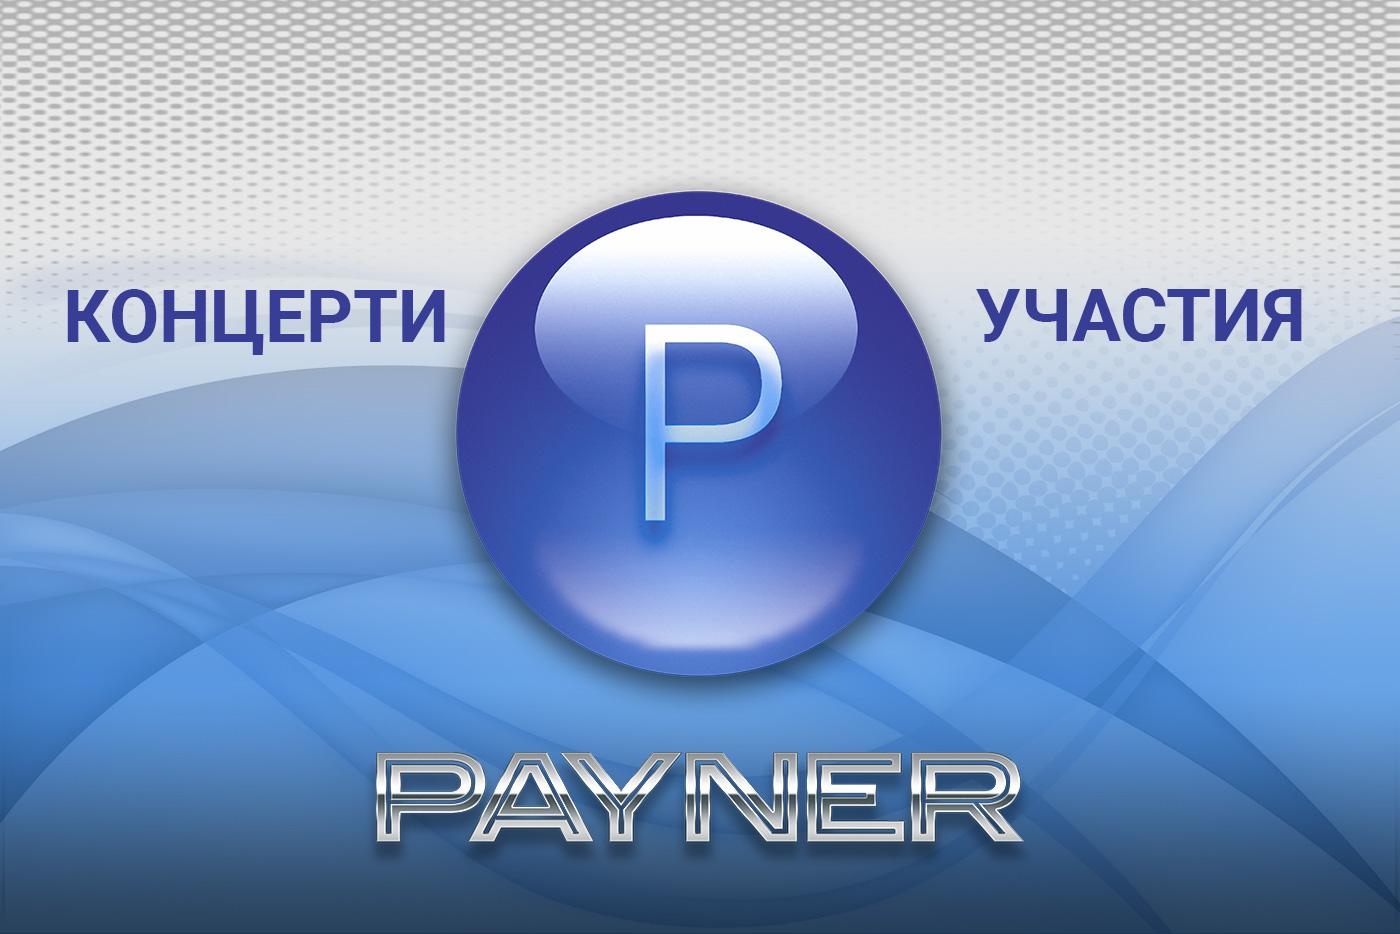 """Участия на звездите на """"Пайнер"""" на 15.07.2019"""